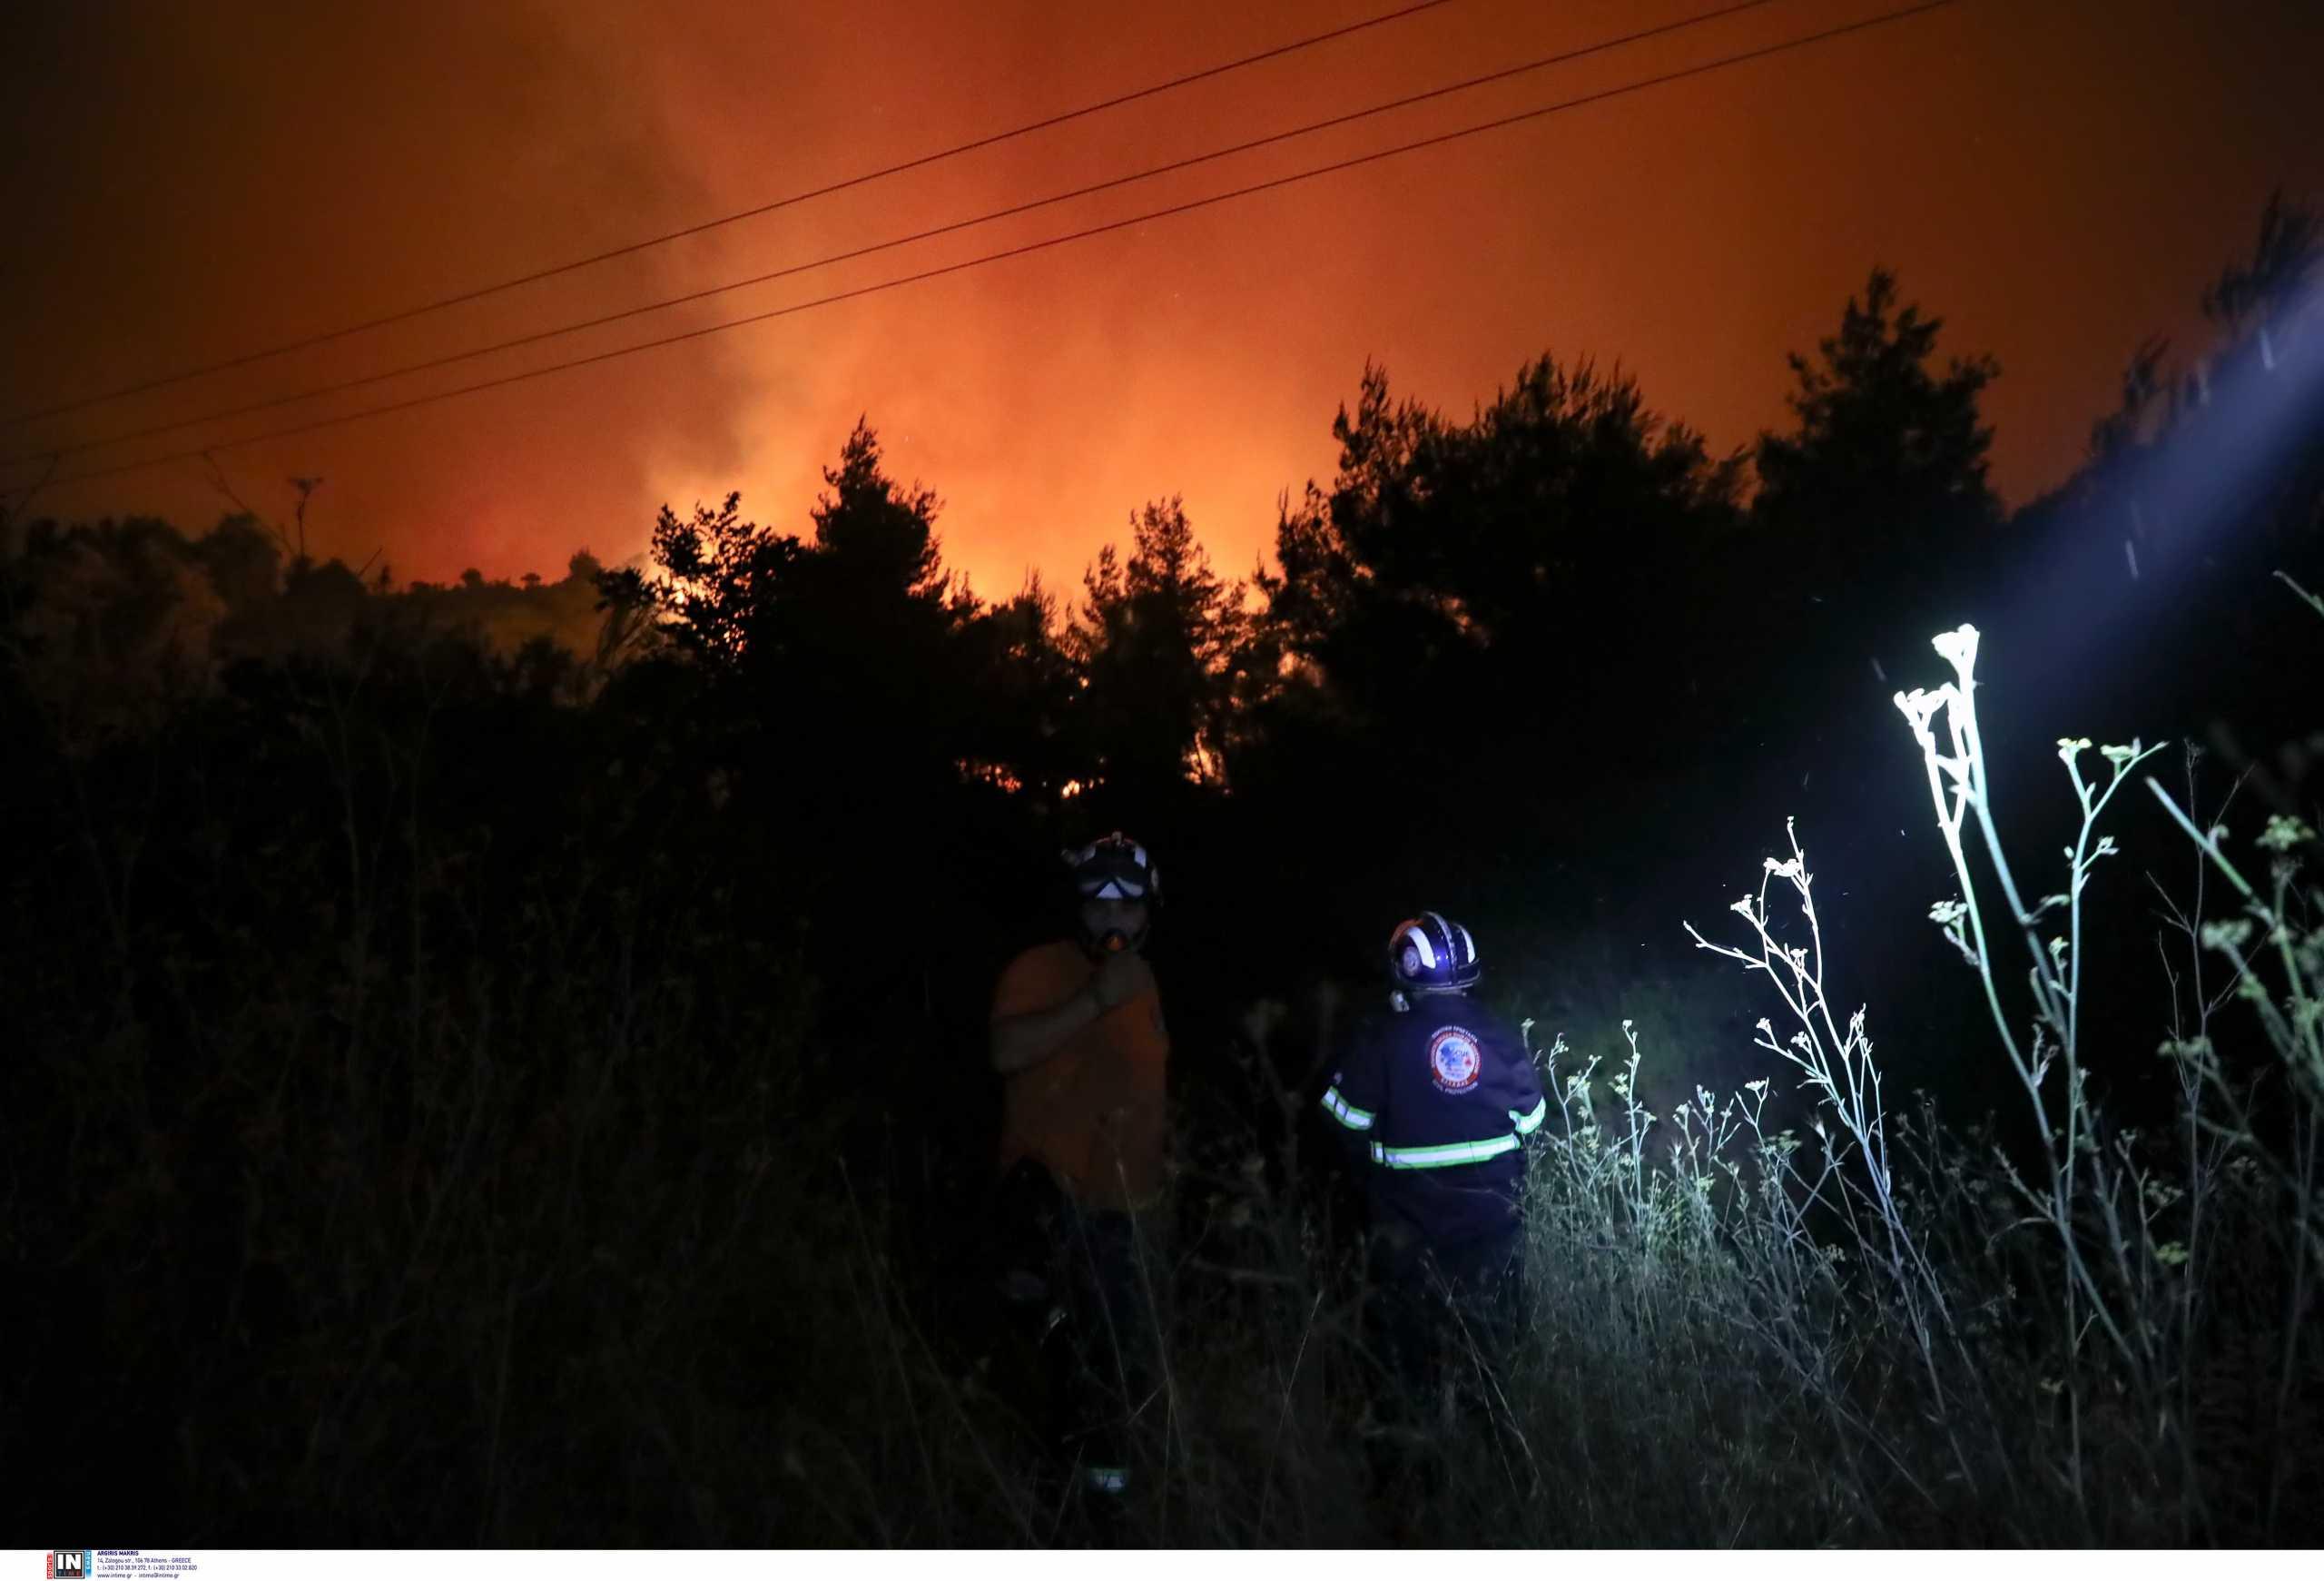 Φωτιά στην Μάνη: Μαίνεται το πύρινο μέτωπο – Μάχη για να μην μπει στο Γύθειο